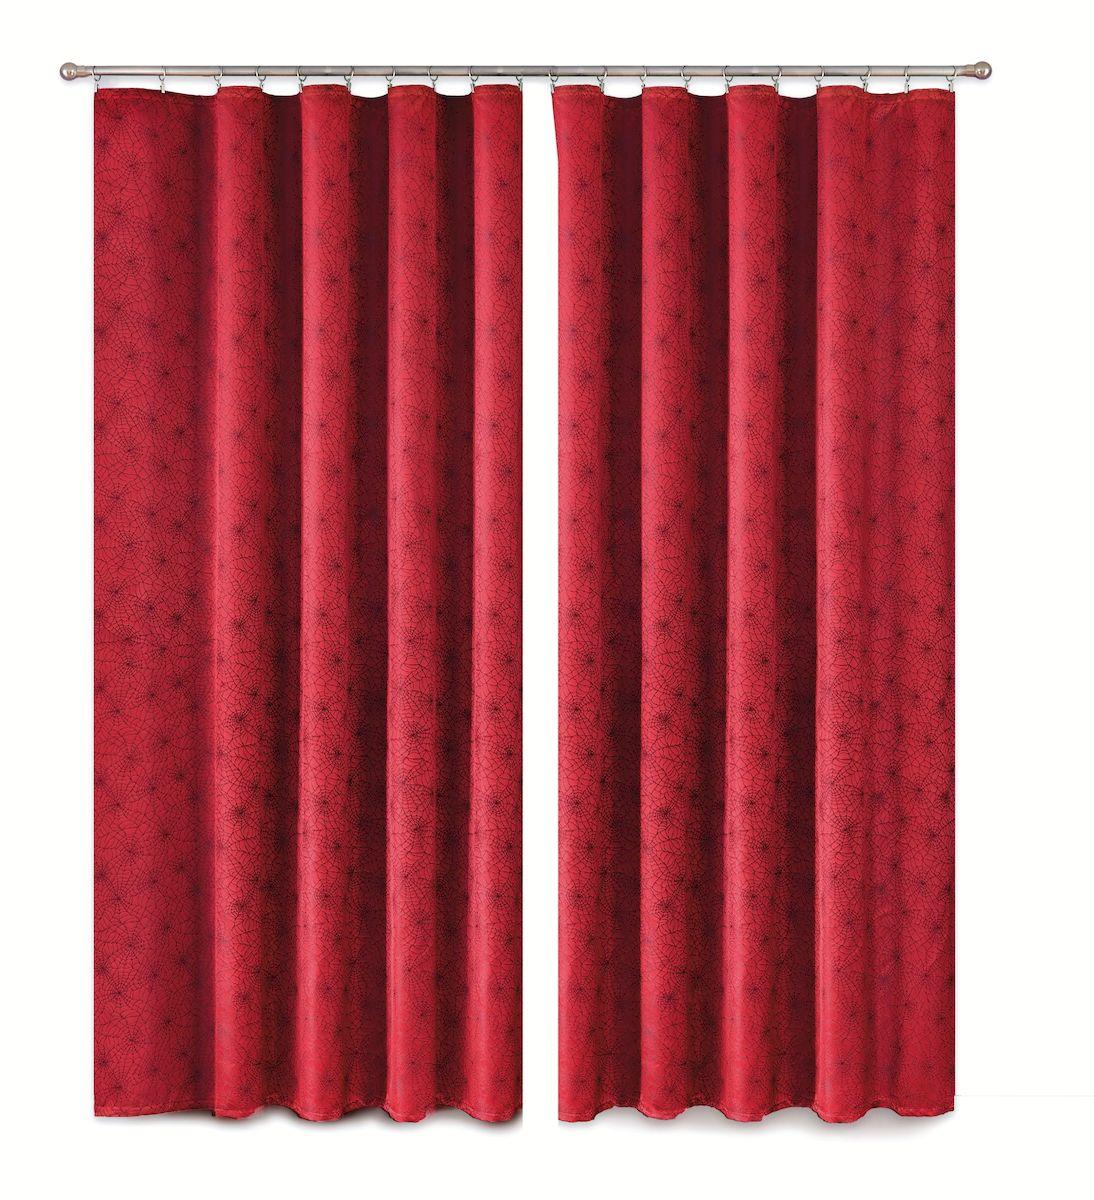 Комплект штор P Primavera Firany, цвет: бордовый, высота 280 см. 11100031110003Комплект штор из полиэстровой жаккардовой ткани с пришитой шторной лентой. Размер - ширина 180 см высота 280см. Набор 2 штуки. Цвет бордо. Размер: ширина 180 х высота 280